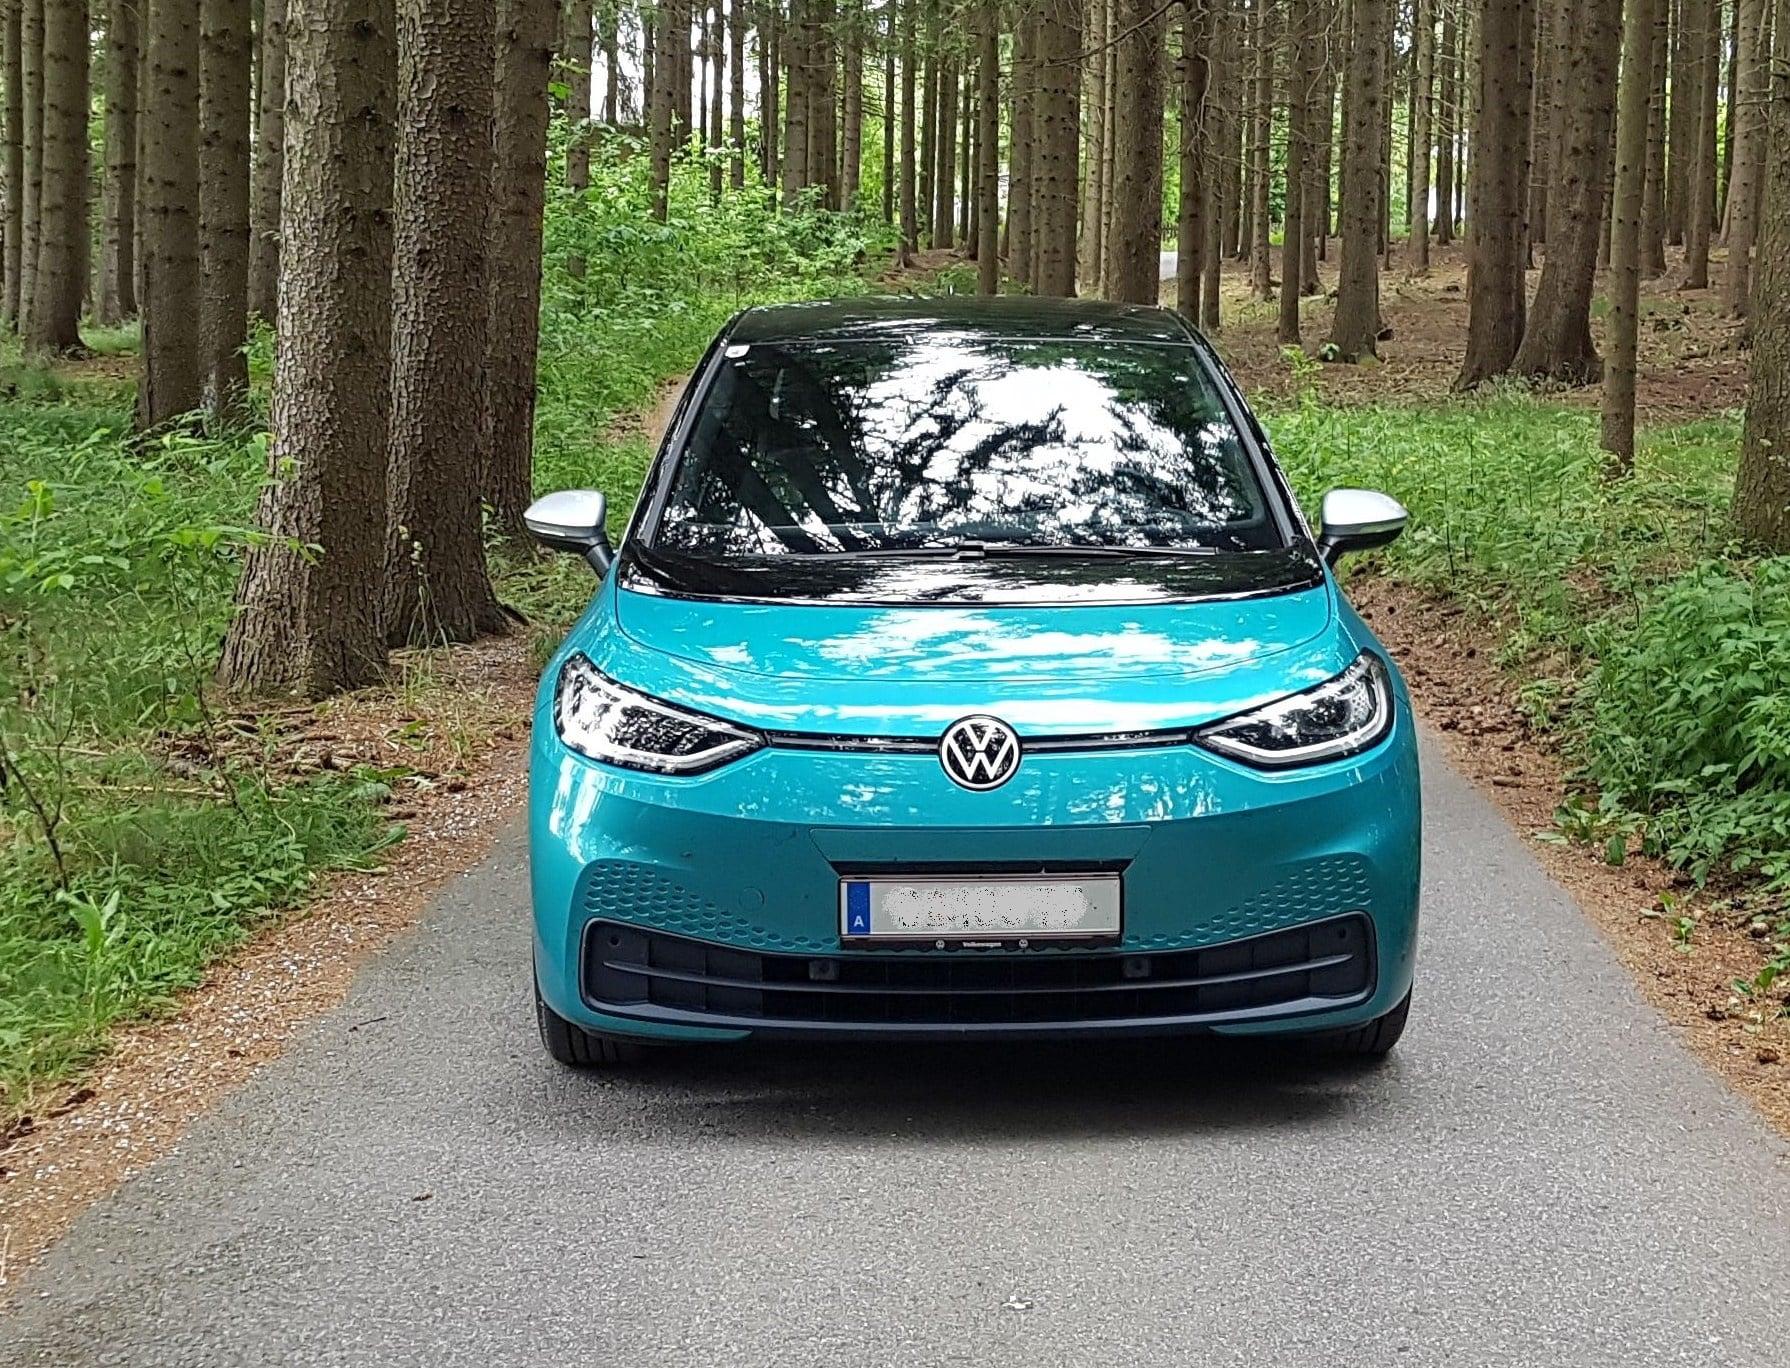 Volkswagen ID.3 - Praxistest | 20210624 162557 Vorne min